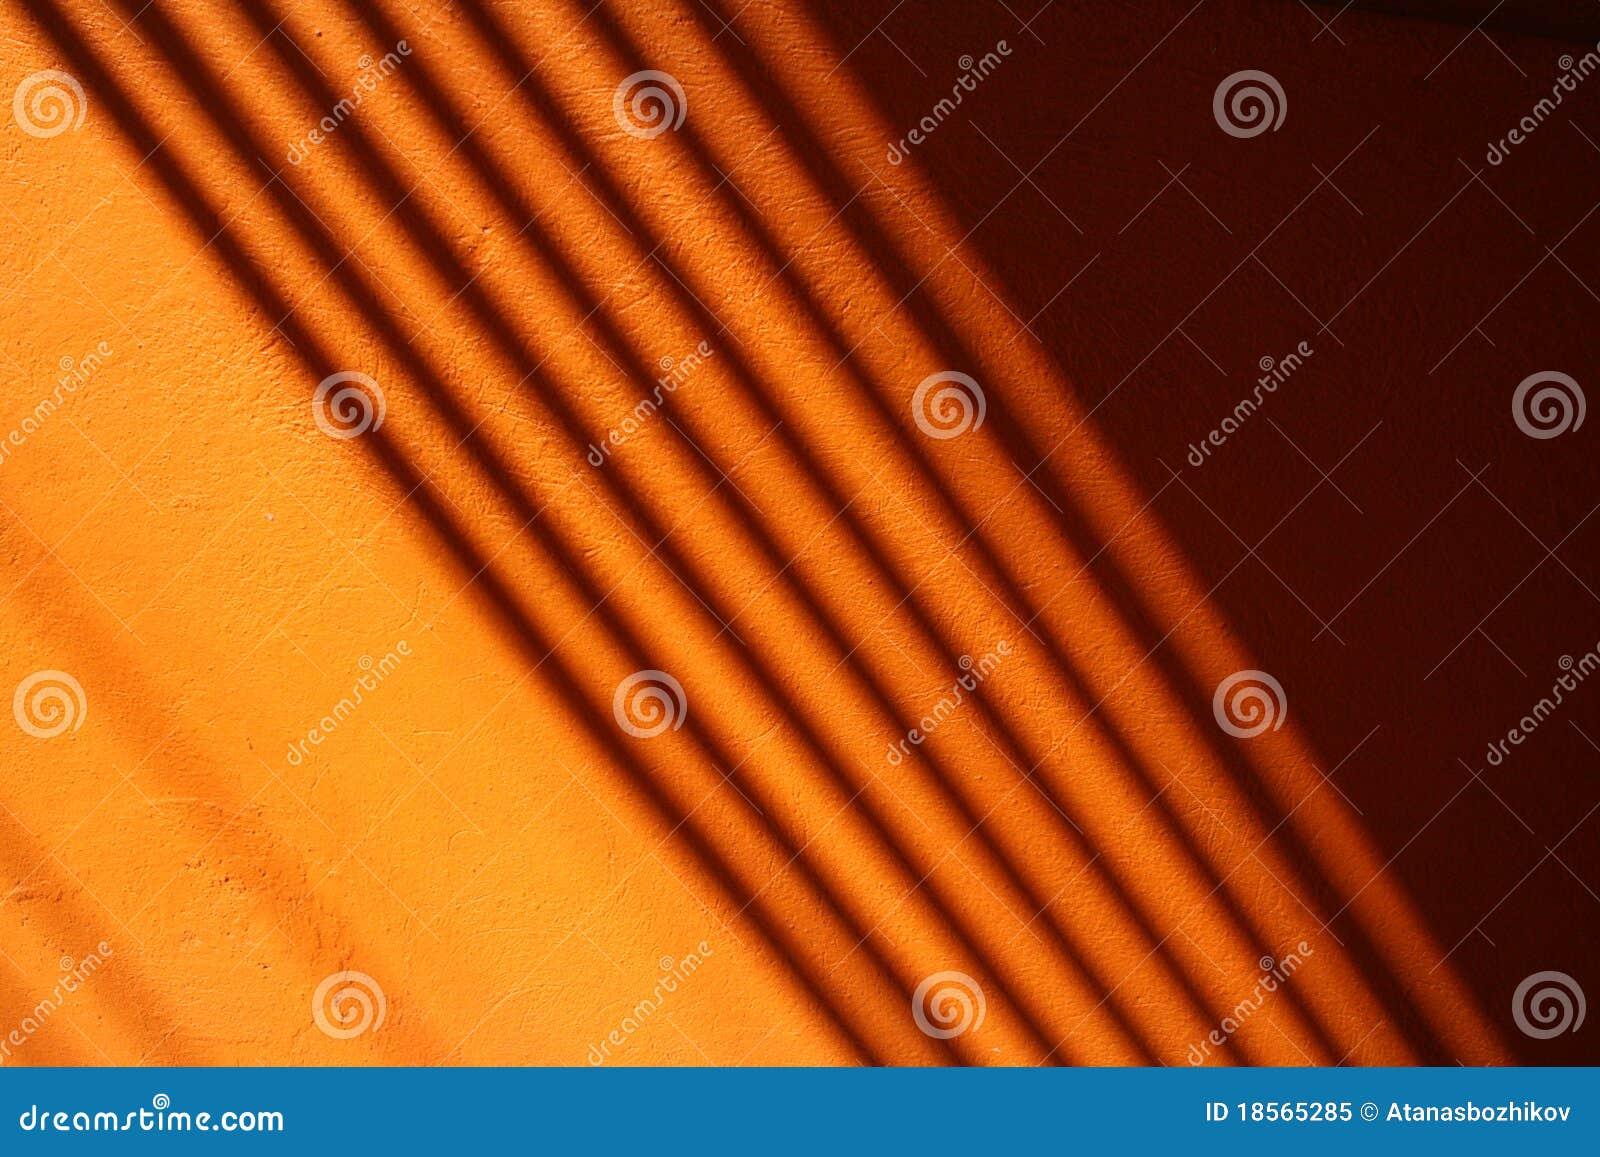 orange background free stock - photo #27